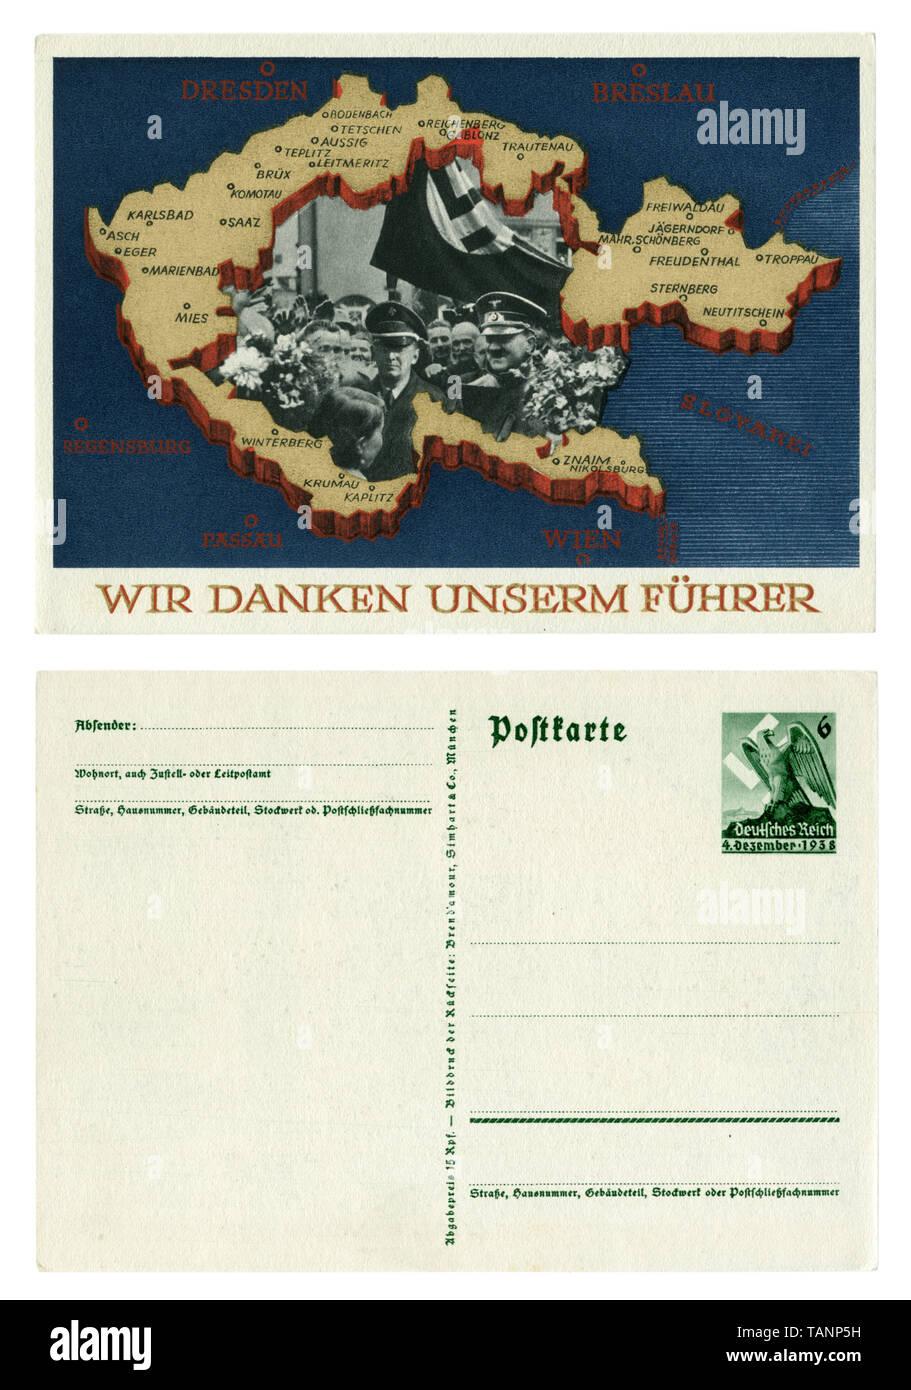 Carte postale historique allemand: Référendum sur l'adhésion de la région des Sudètes. L'annexion de certaines parties de la Tchécoslovaquie. 29 septembre 1938, marche arrière en blanc Banque D'Images